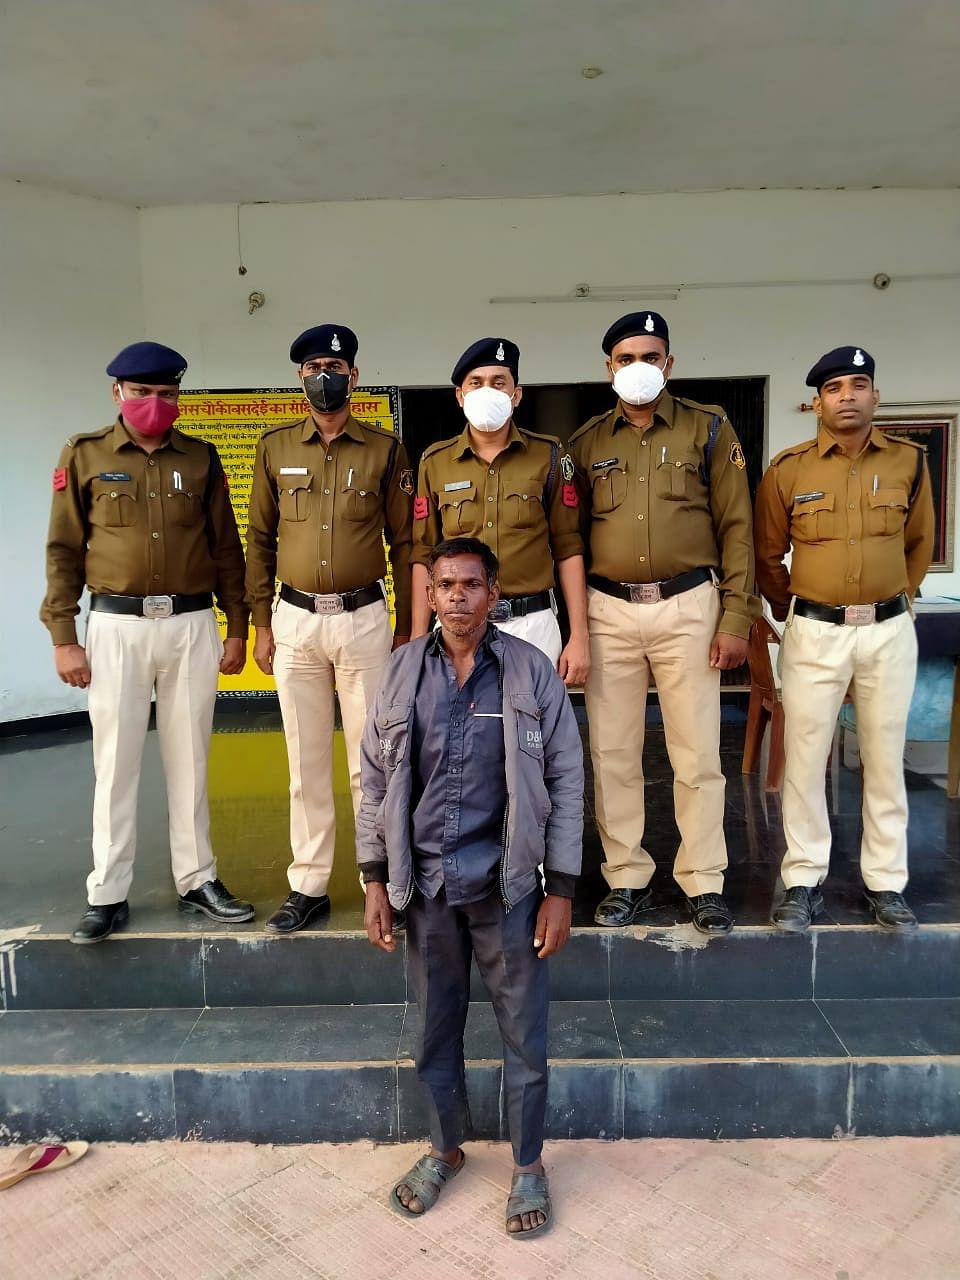 सूरजपुर पुलिस ने हत्यारे पति को किया गिरफ्तार, पत्नी की हत्या कर शव को छुपाया था पैरावट में